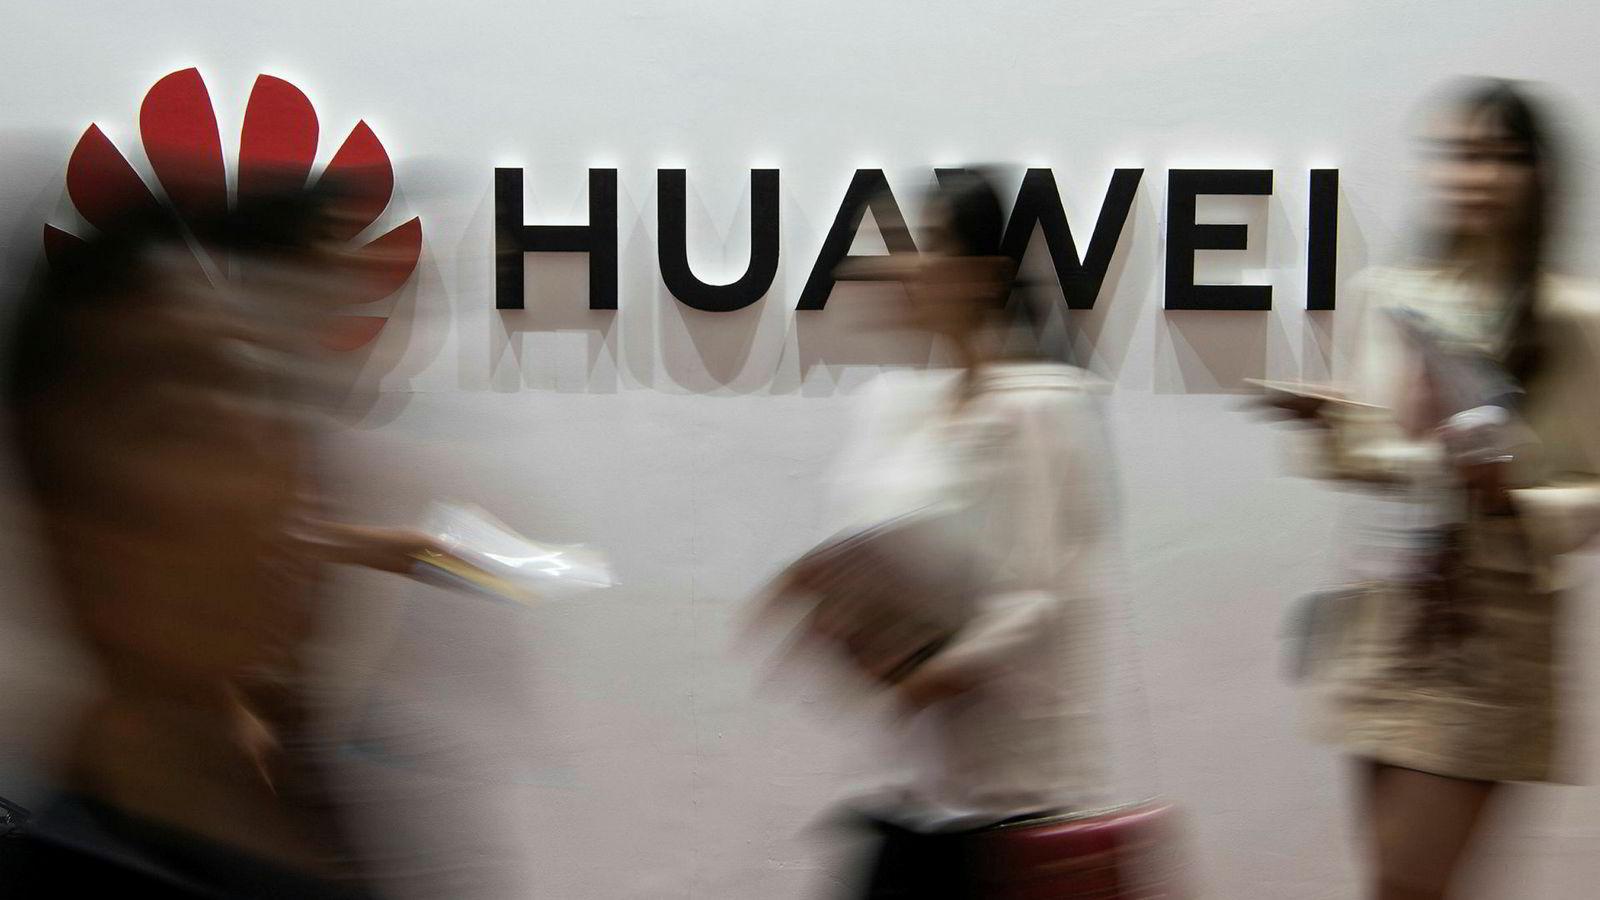 2019 skulle være Huaweis store år. Målet var å gå forbi Samsung og bli verdens største smarttelefonprodusent i verden i fjerde kvartal. Nå forsøker selskapet å overleve fra amerikanske sanksjoner.